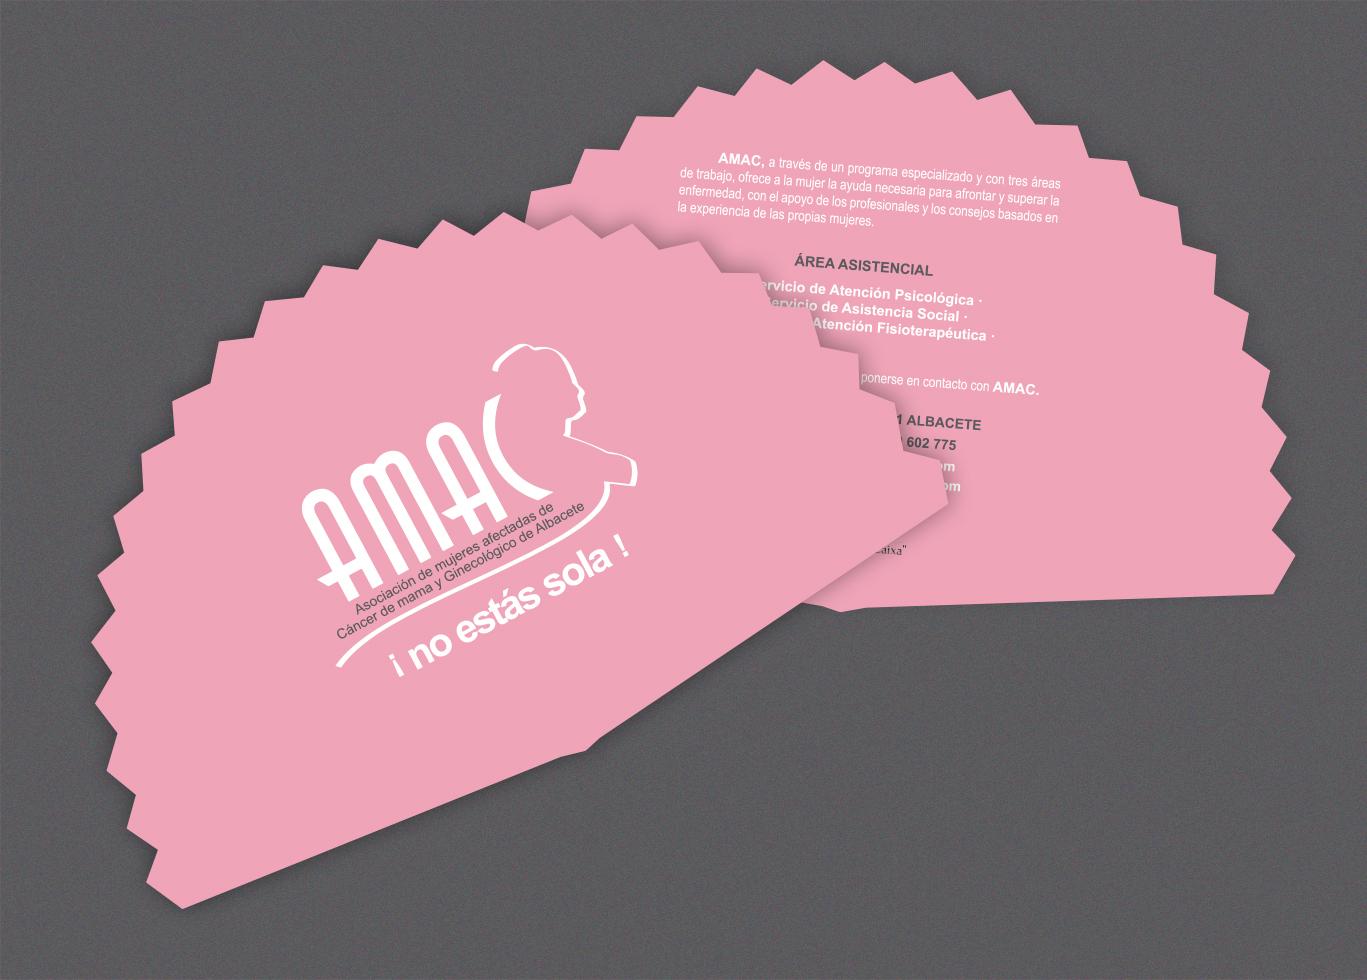 Diseño gráfico, diseño grafico Albacete e imprenta de abanicos publicitarios AMAC